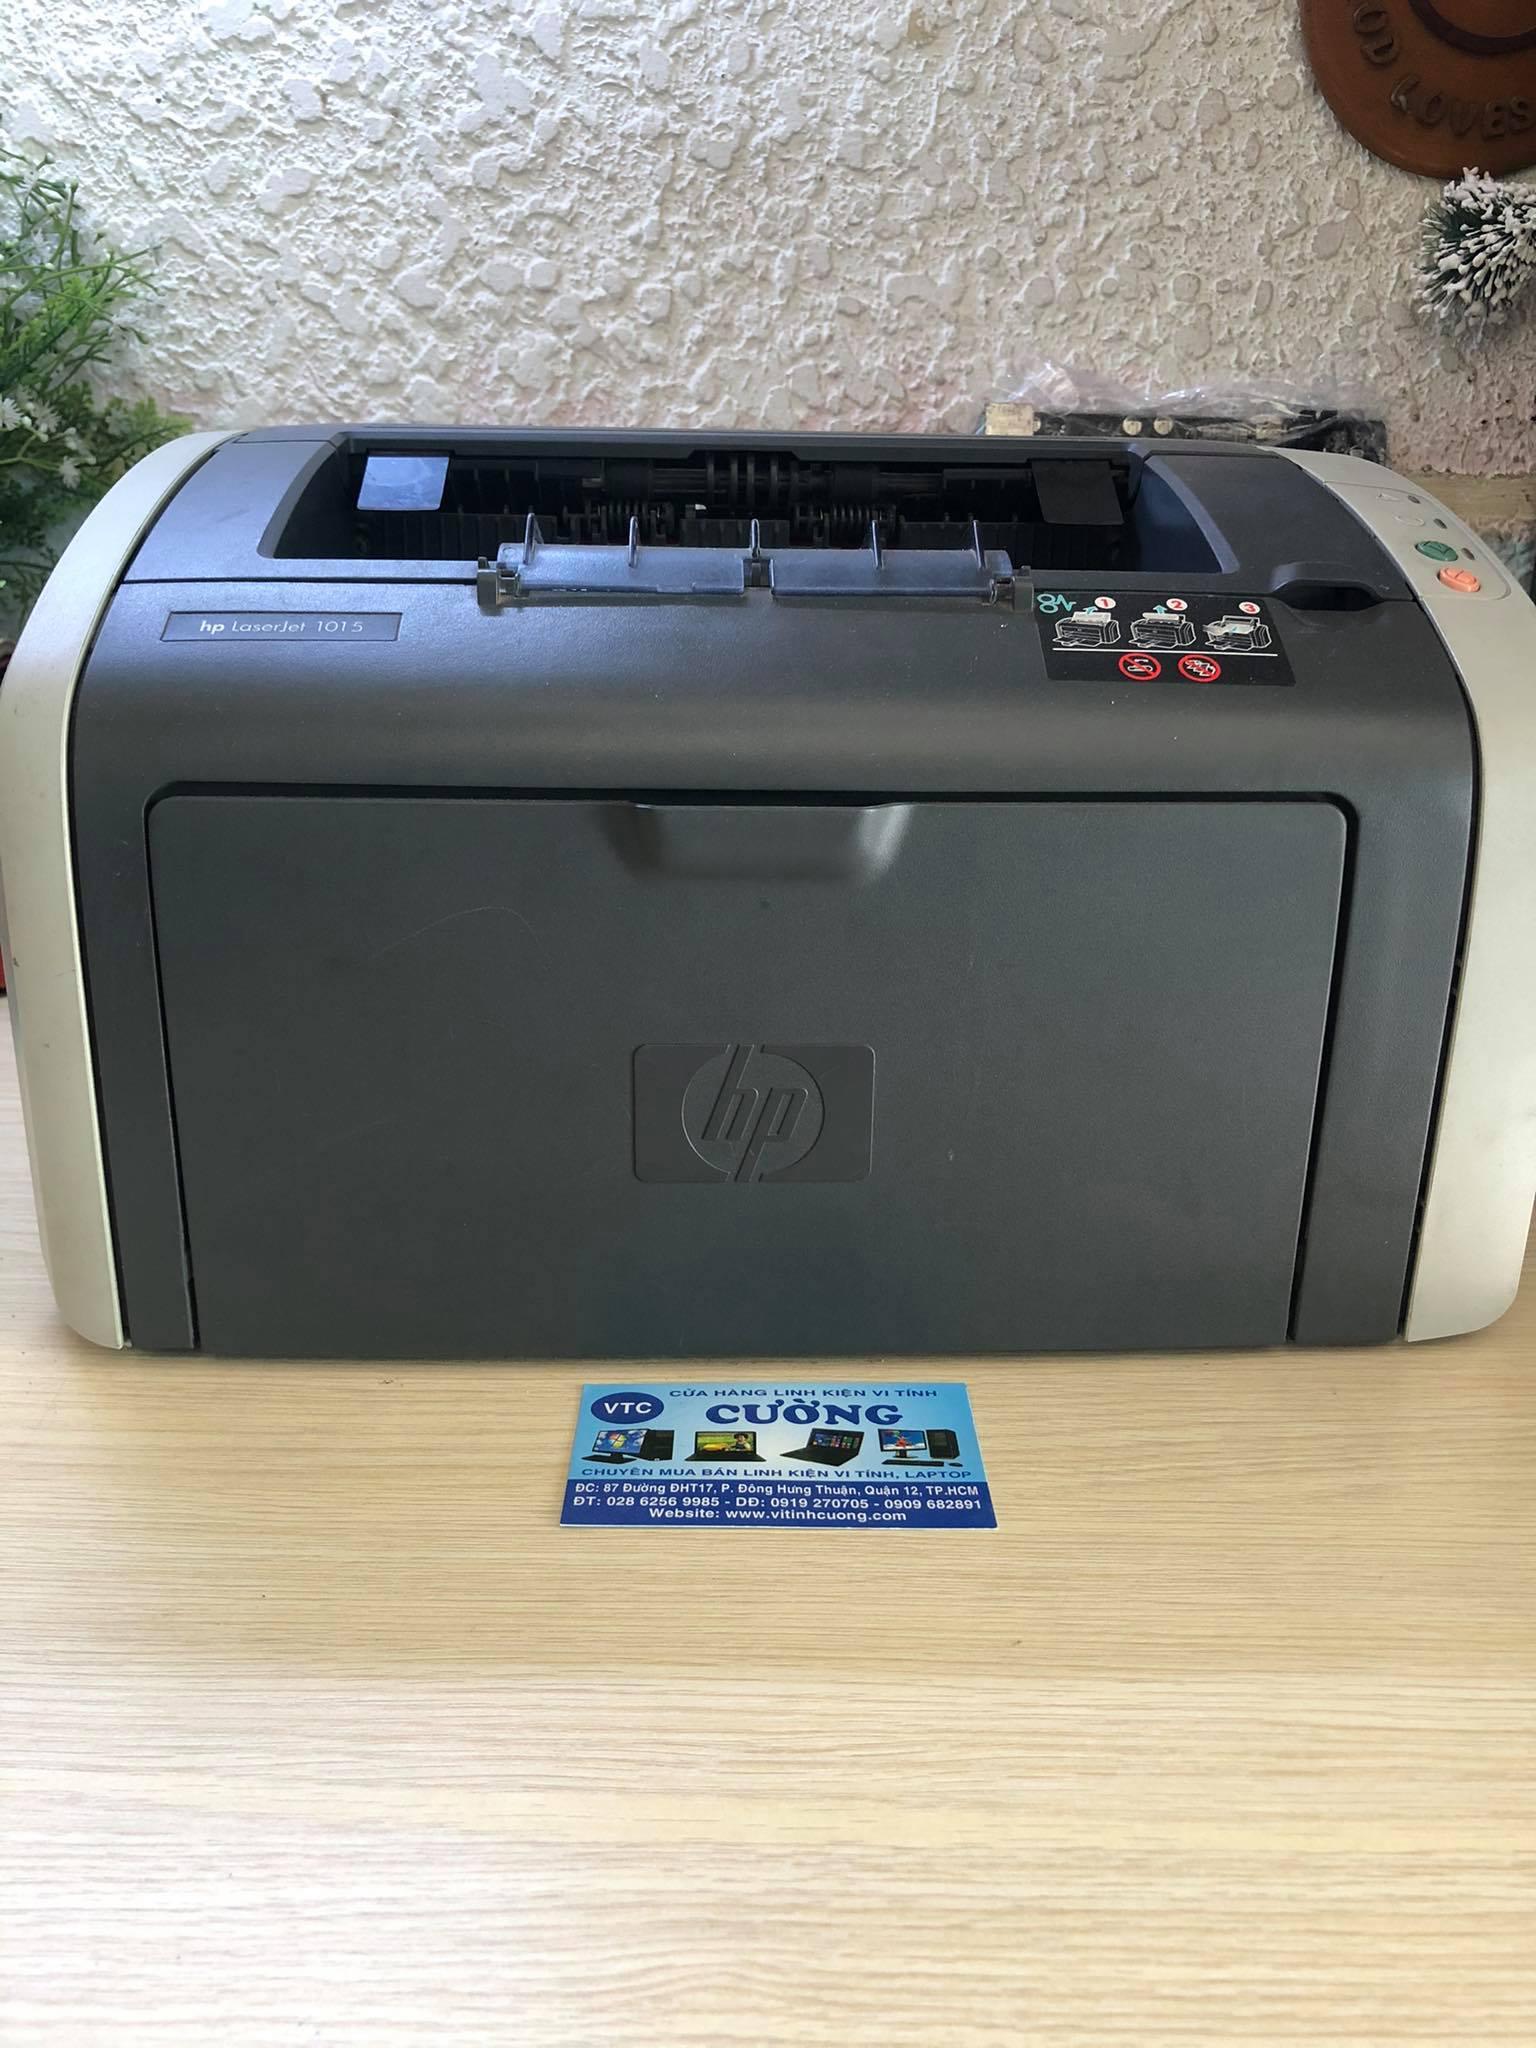 Máy in HP laserjet 1015